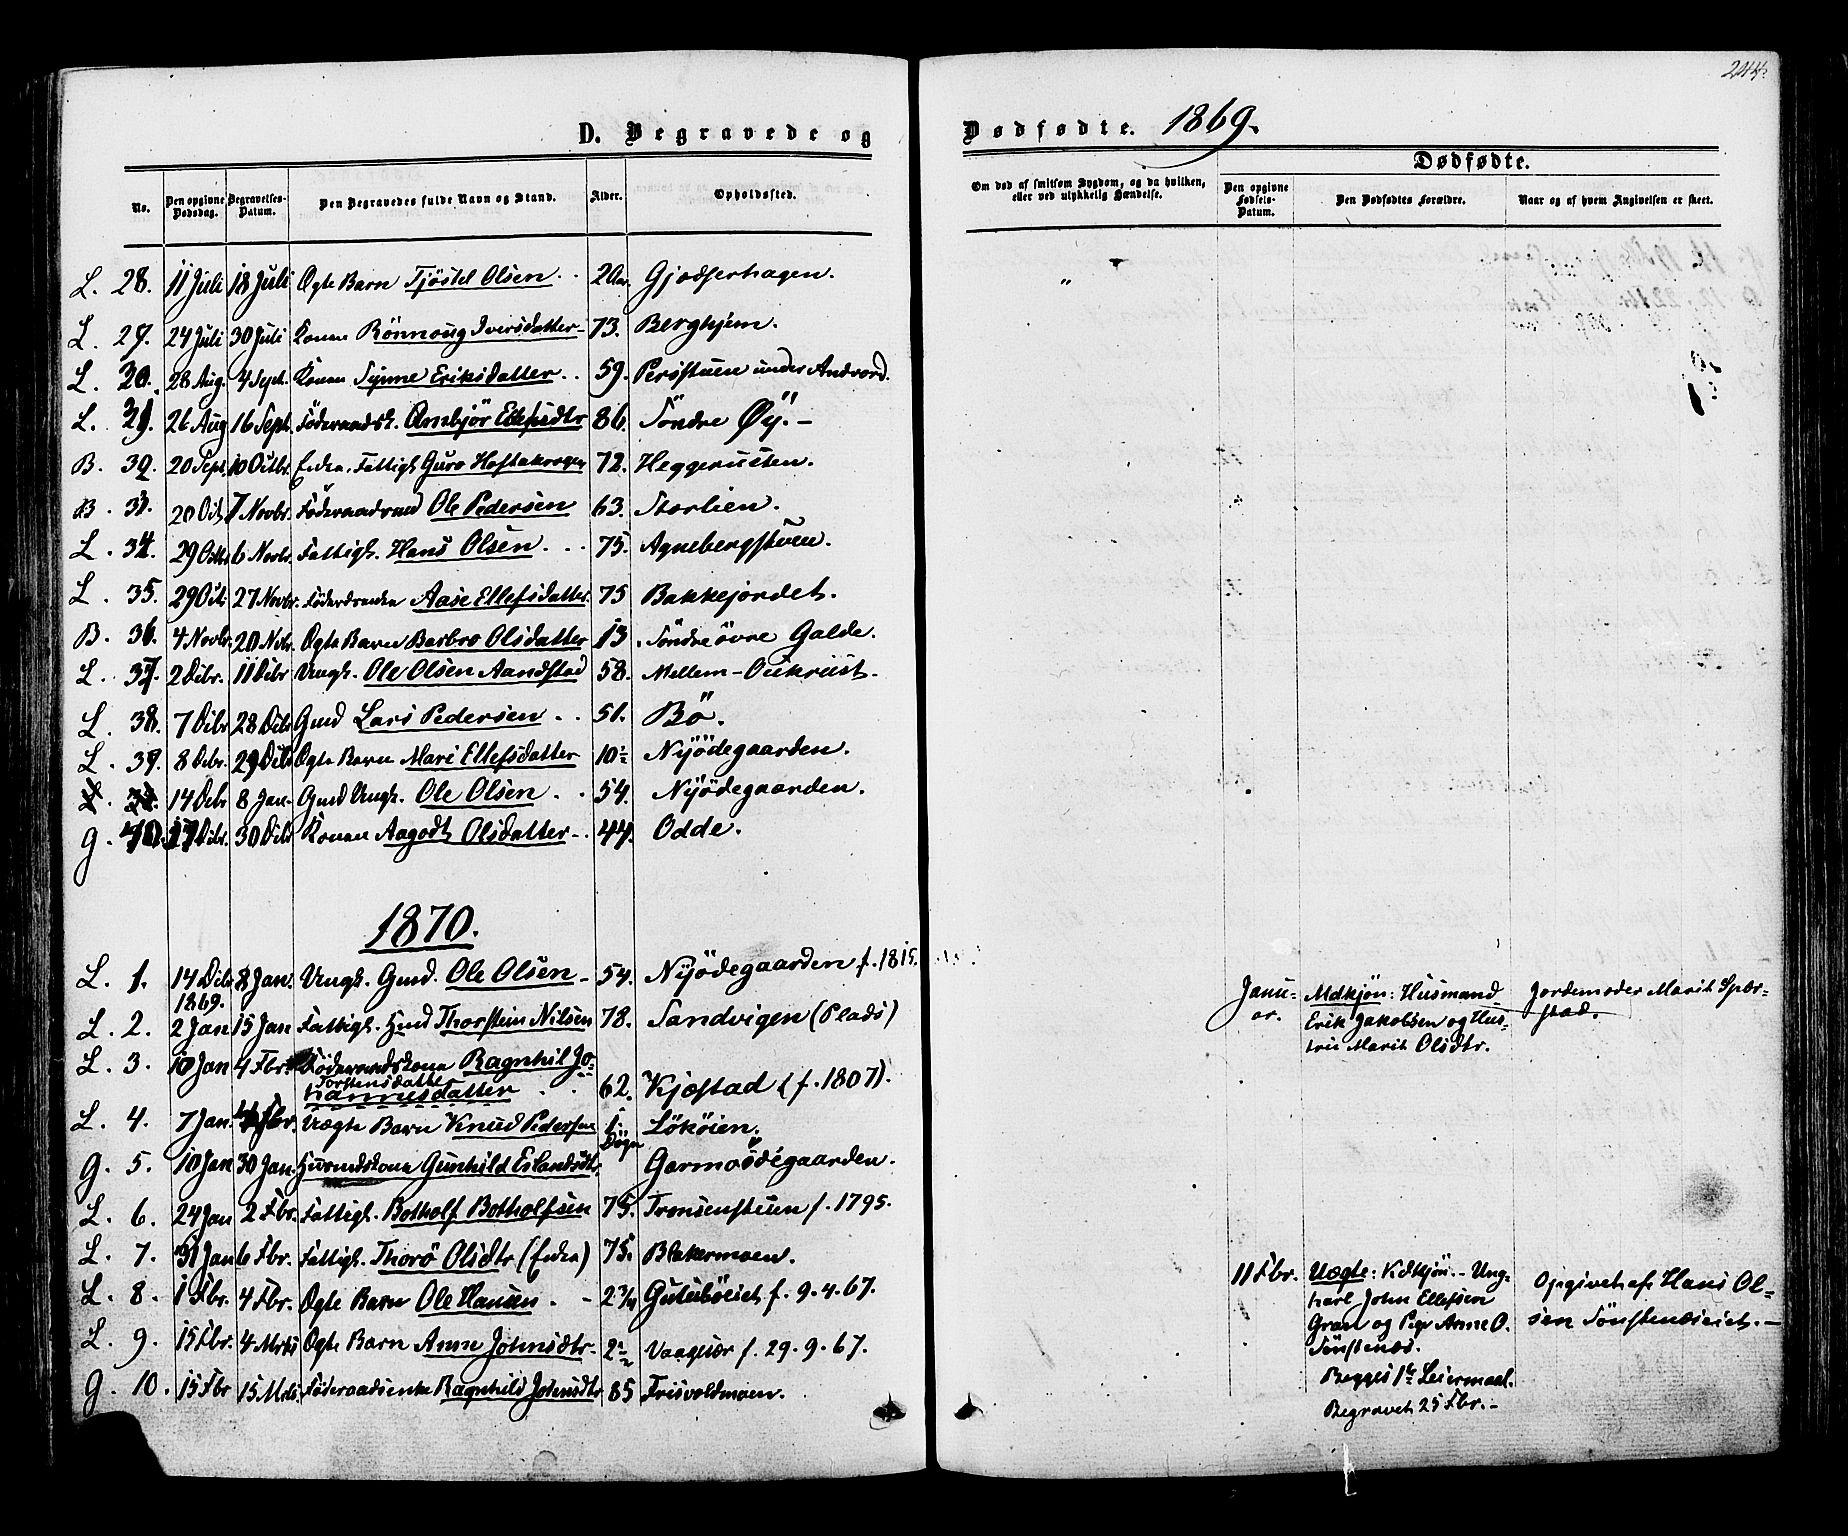 SAH, Lom prestekontor, K/L0007: Ministerialbok nr. 7, 1863-1884, s. 244